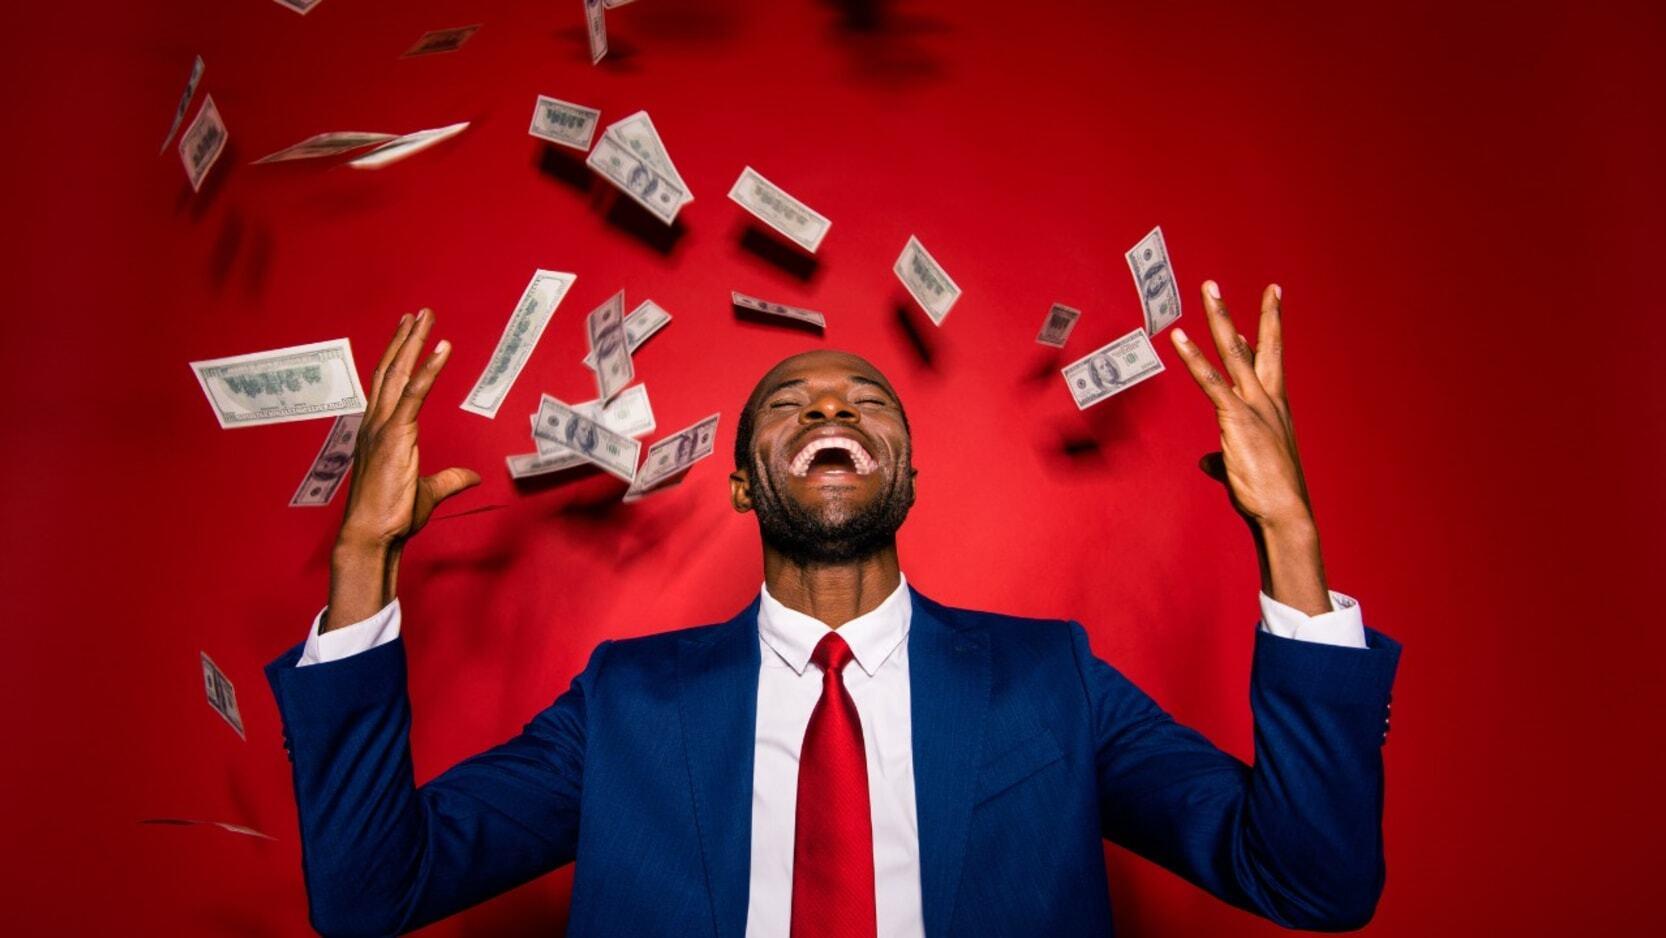 ۱۰ نکتهای که باید در مورد میلیونر شدن بدانید